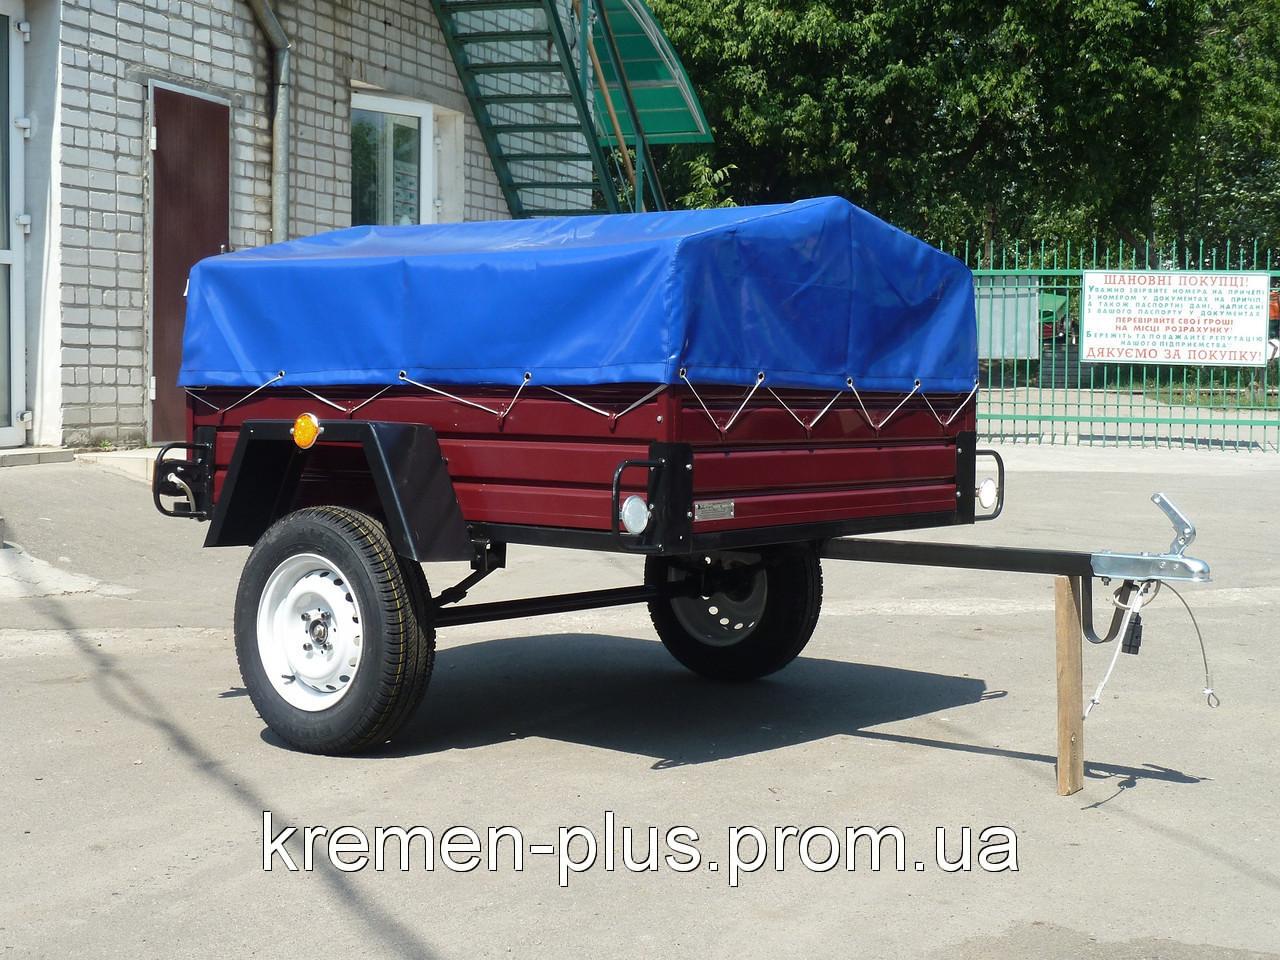 Продам одноосный легковой прицеп в Полтаве для автомобиля, фото 1